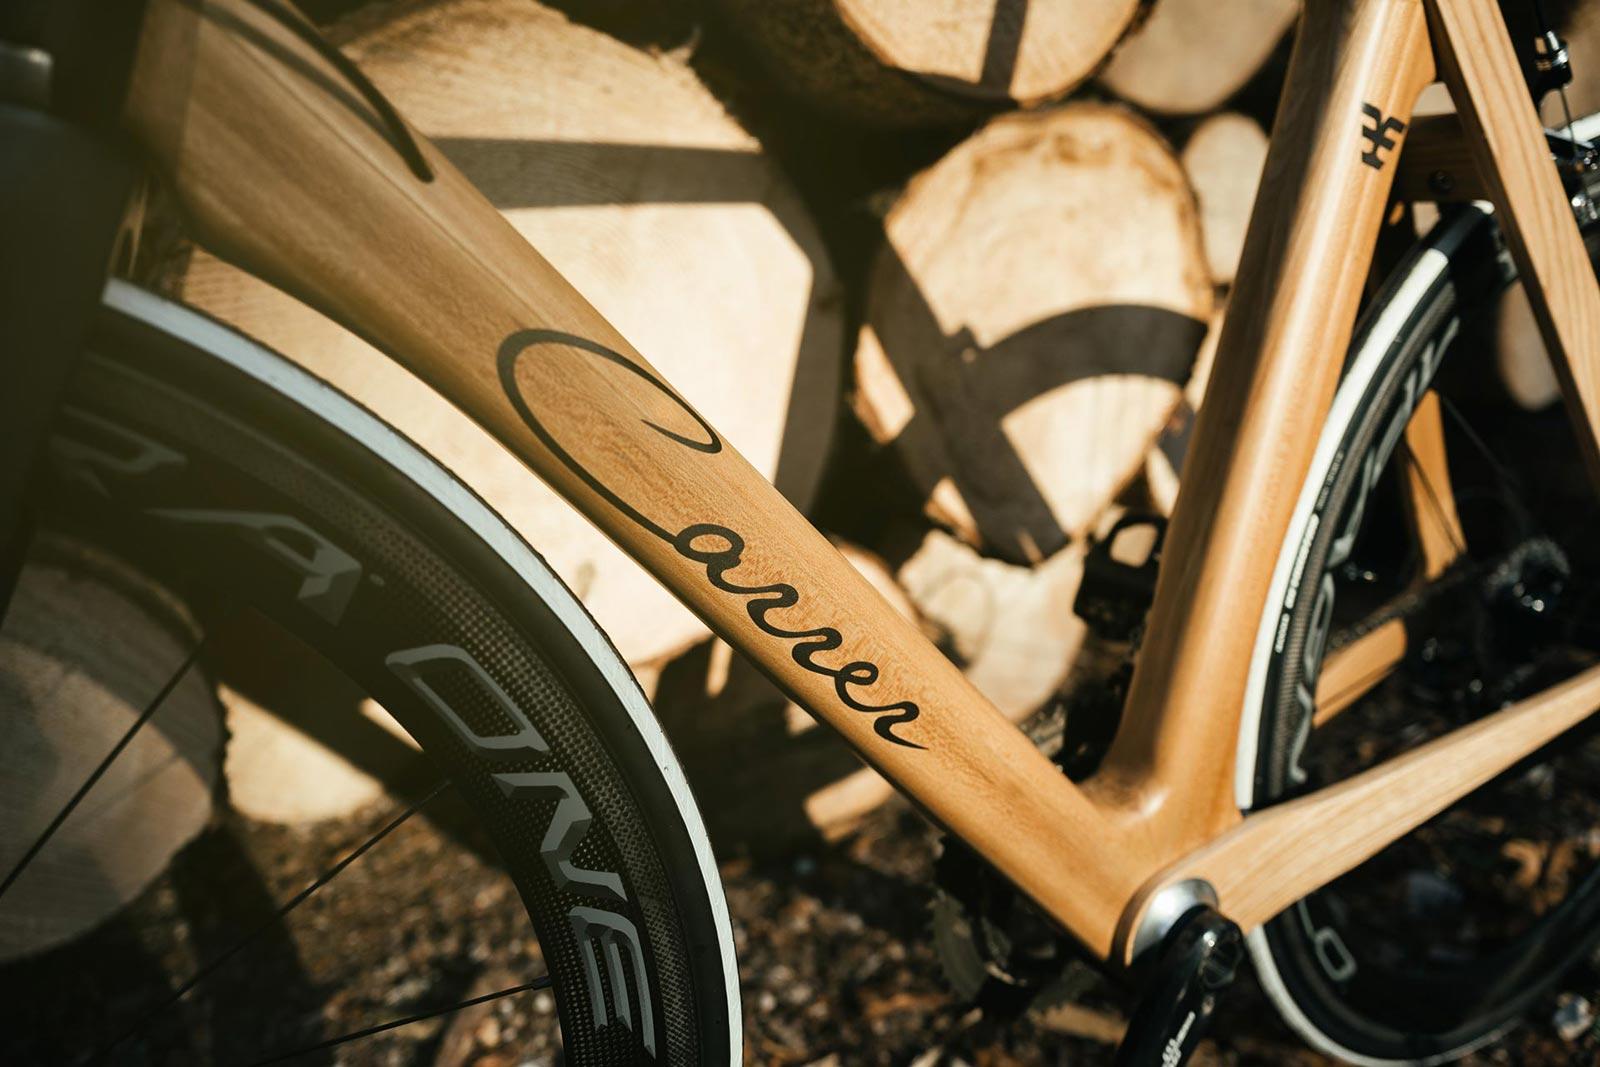 Telaio in legno bicicletta Maranello di CarrerBikes